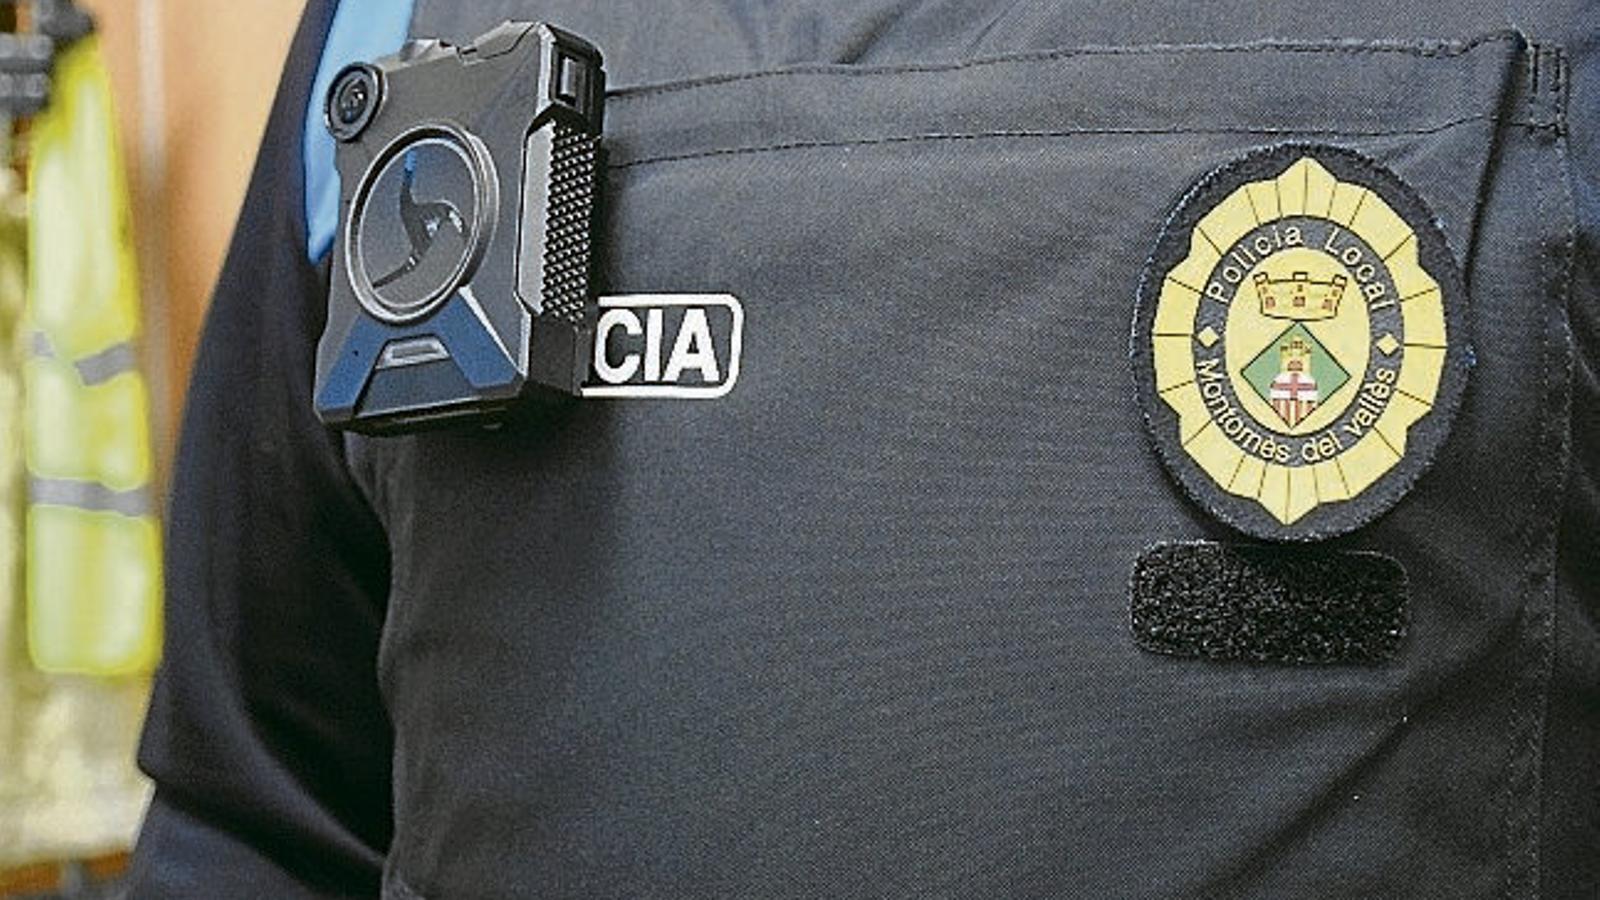 Detall de la càmera que els policies locals porten incorporada als uniformes.